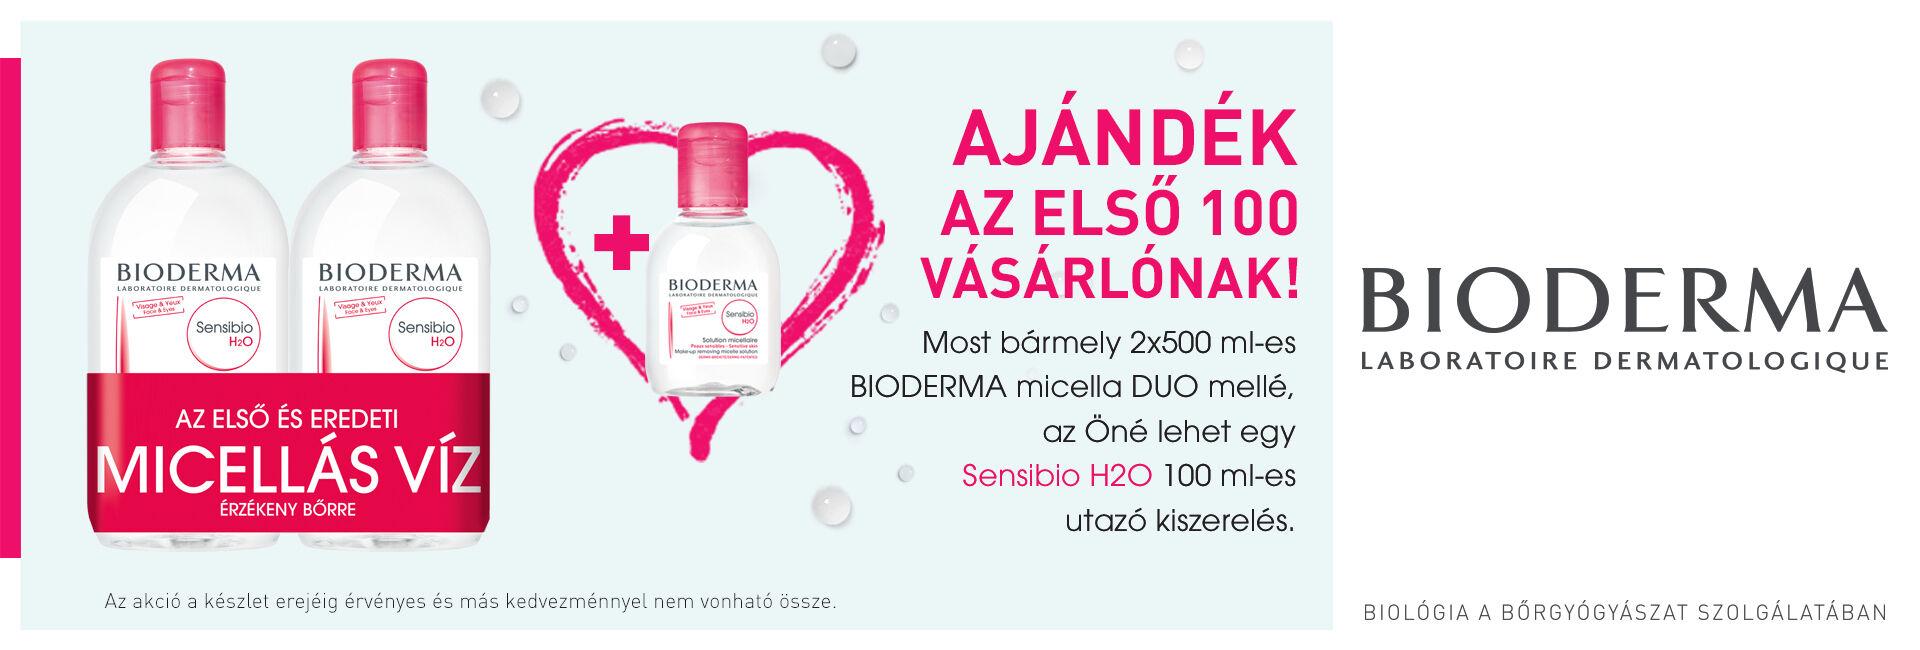 Bioderma Sensibio Micellafesztivál - a 2. termék akár 70% kedvezménnyel az Öné lehet!